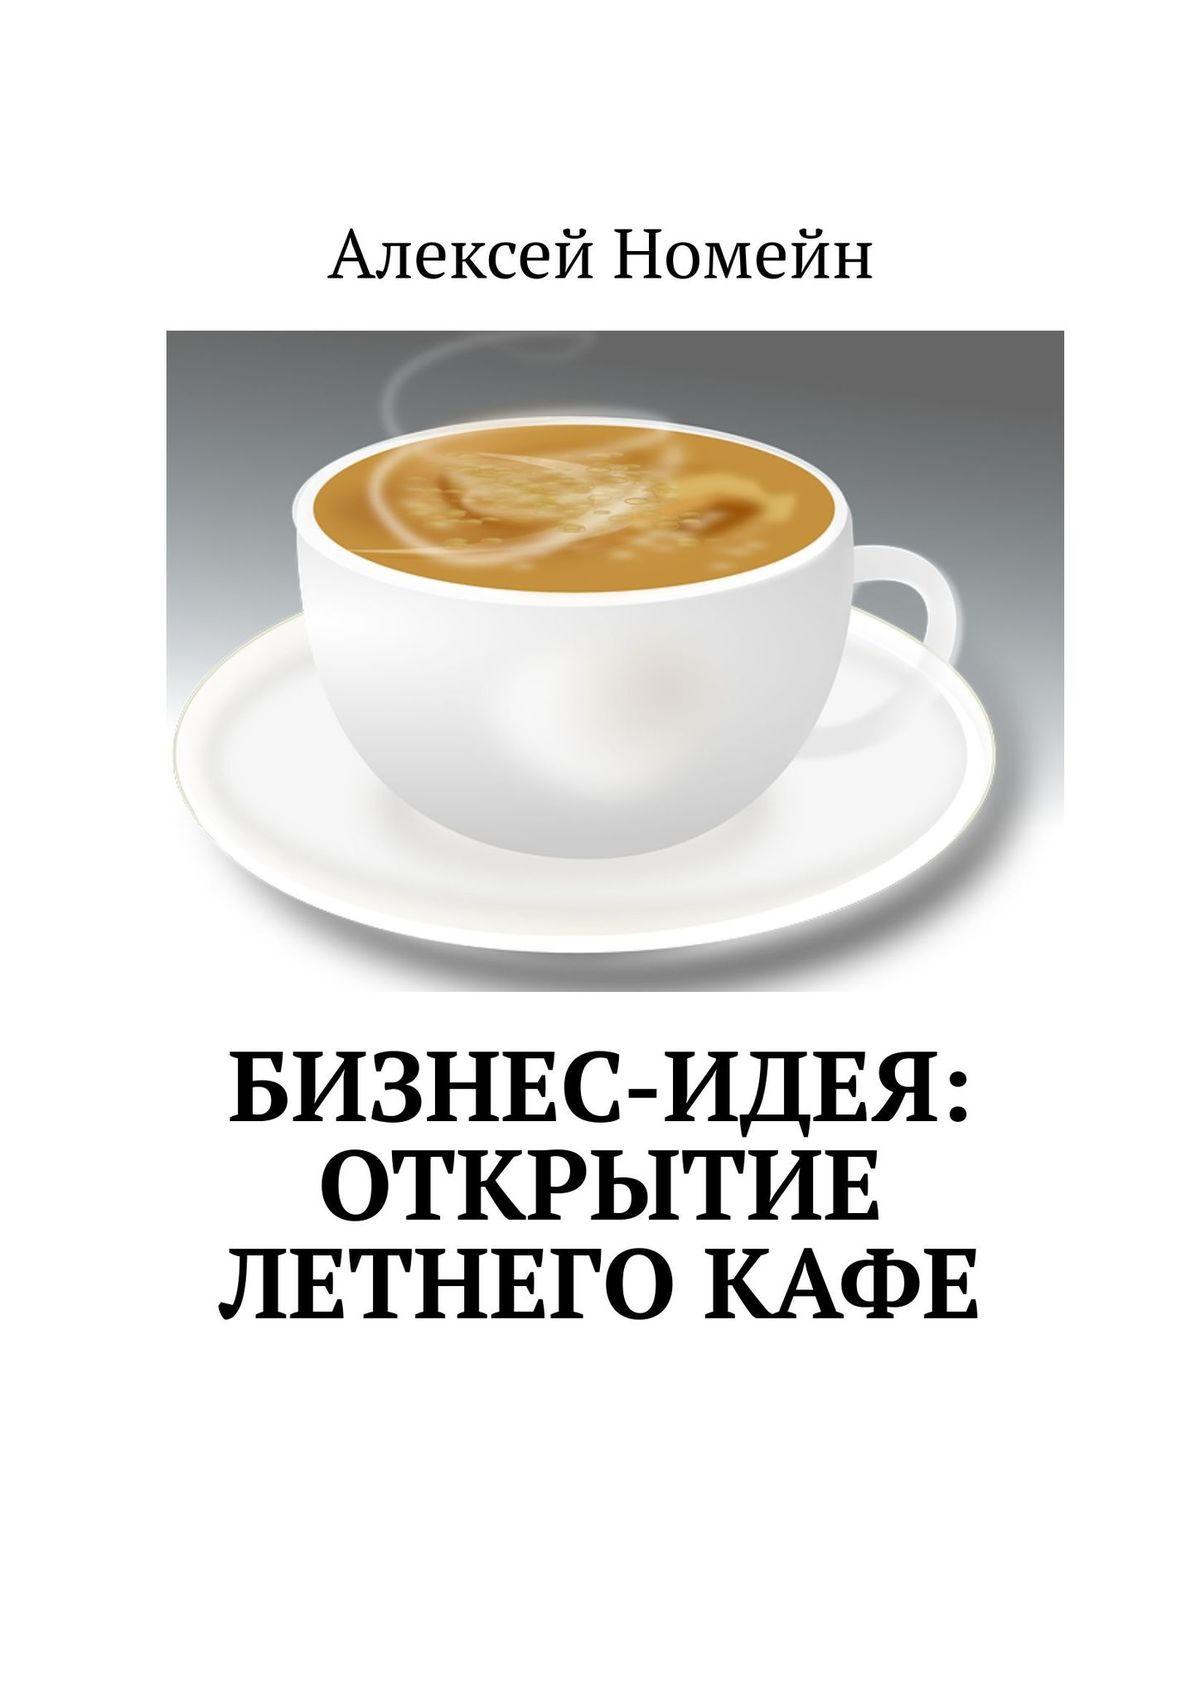 Бизнес-идея: открытие летнегокафе